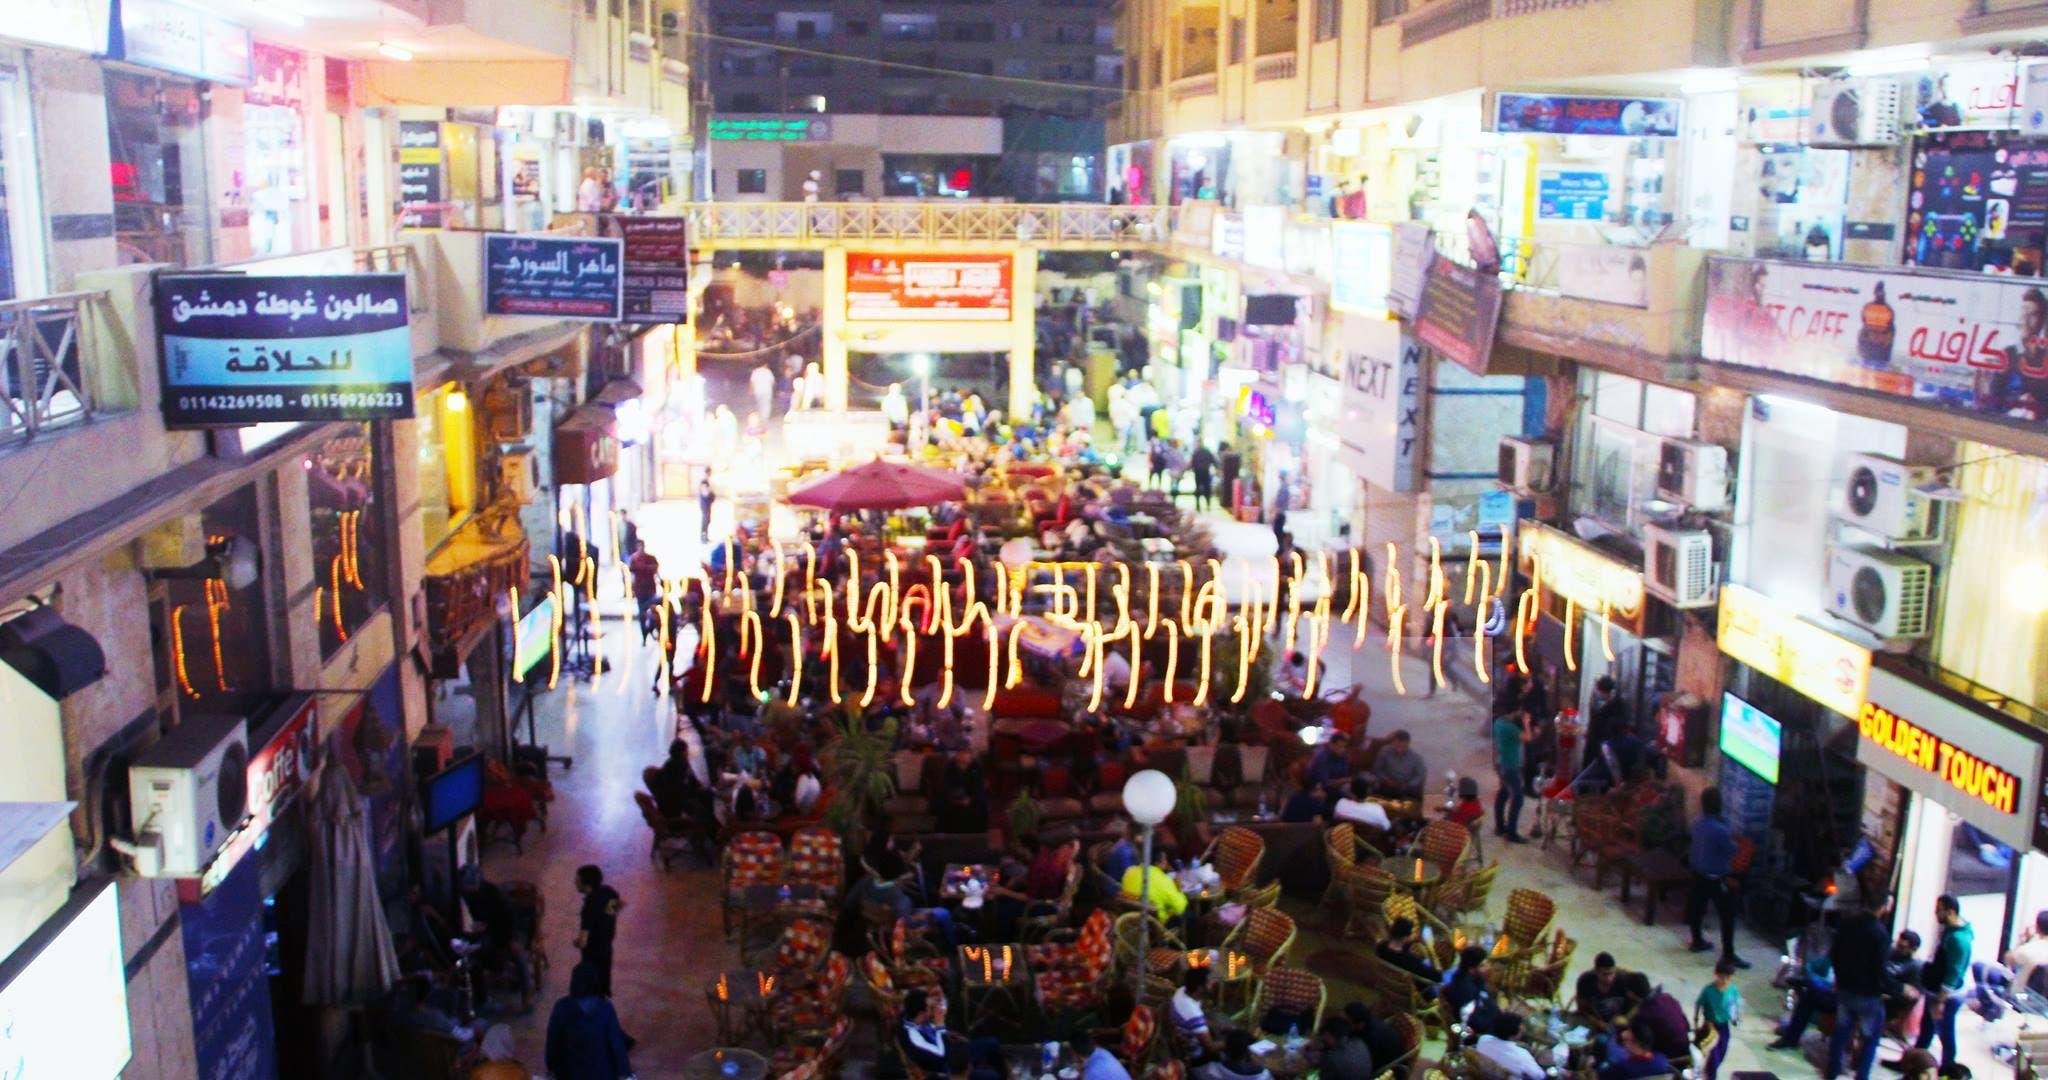 أسماء المتاجر السورية تنتشر في الأسواق المصرية